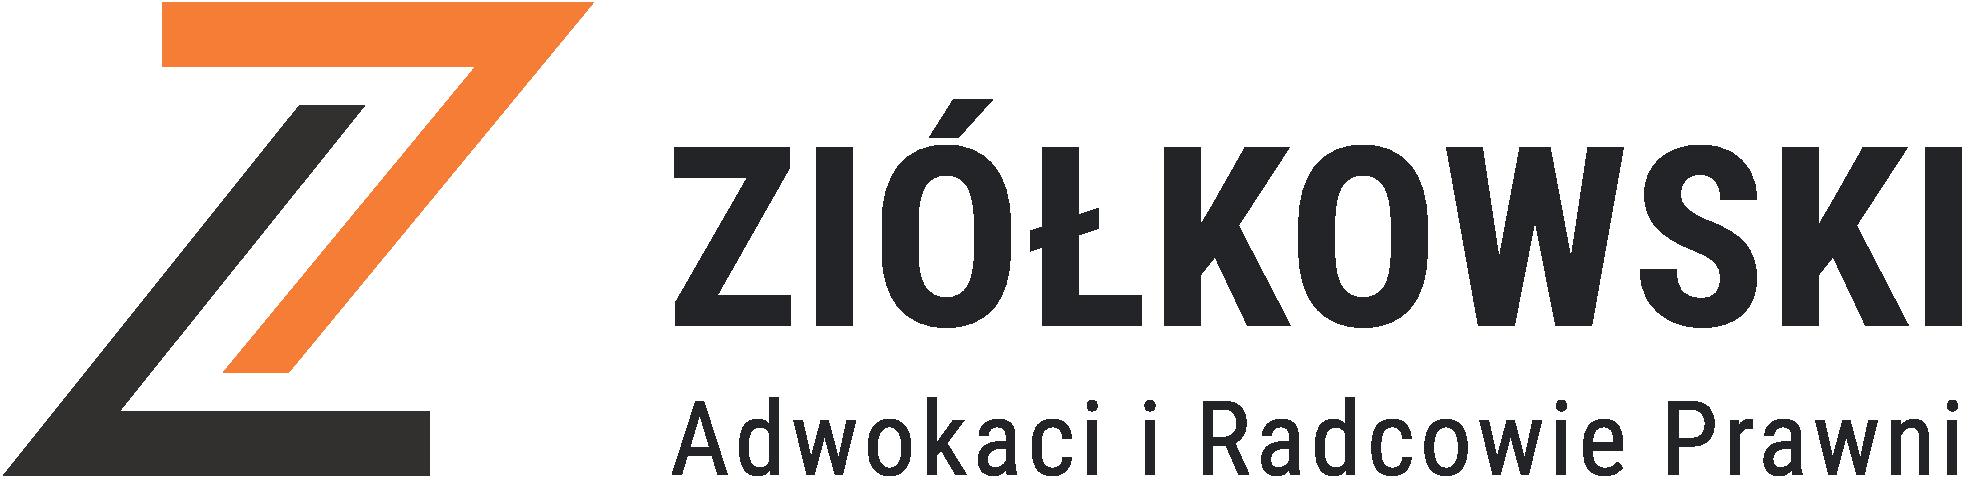 Ziółkowski Adwokaci i Radcowie Prawni - Poznań